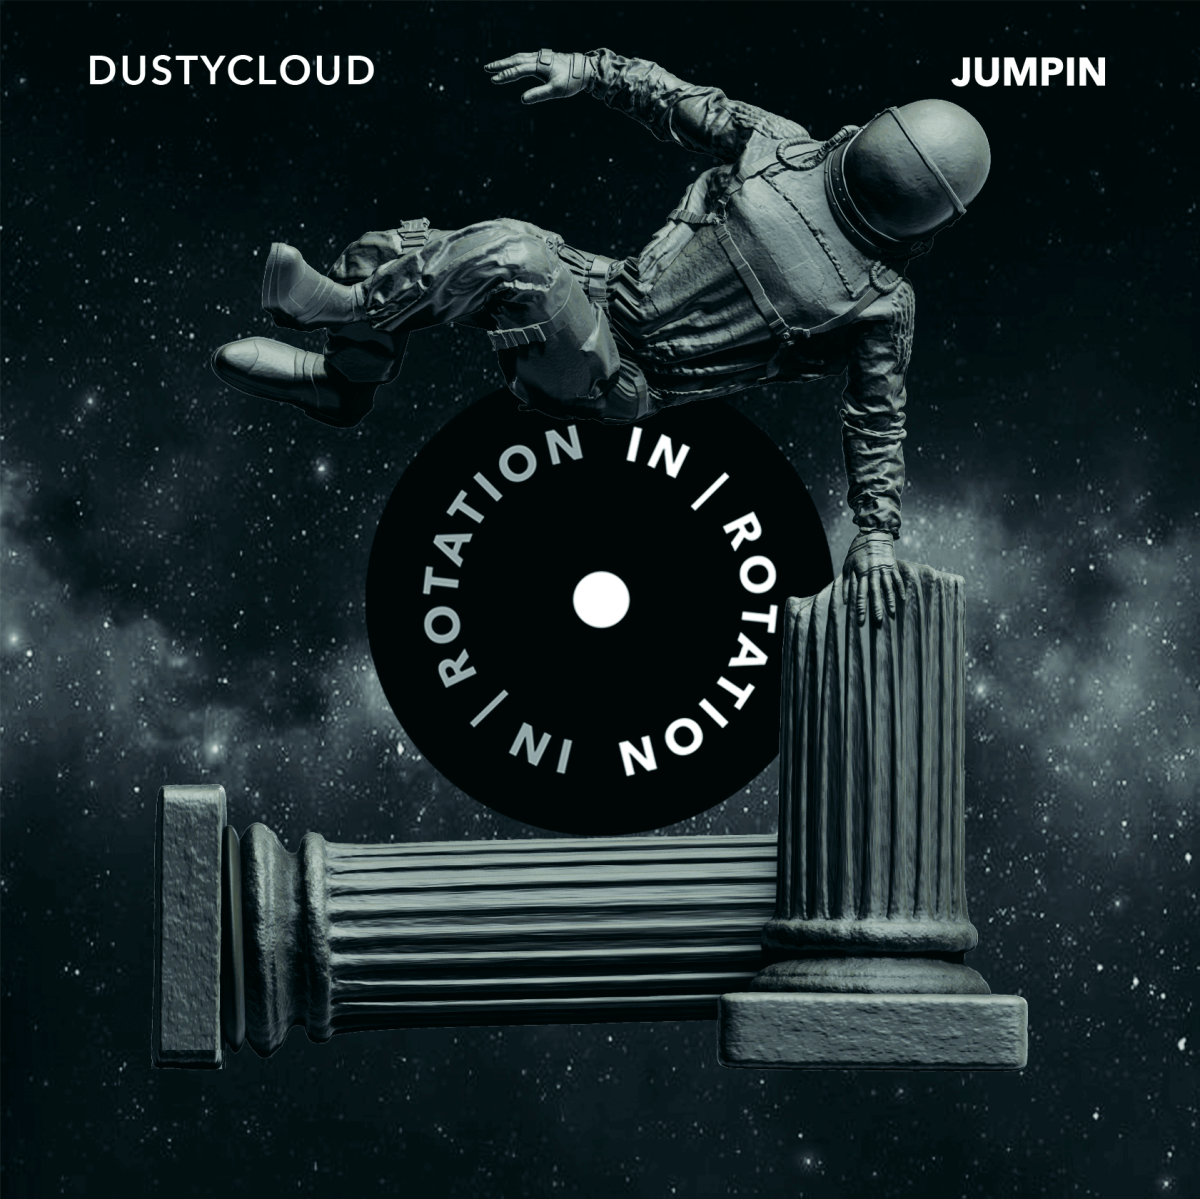 AstroJump_Album02